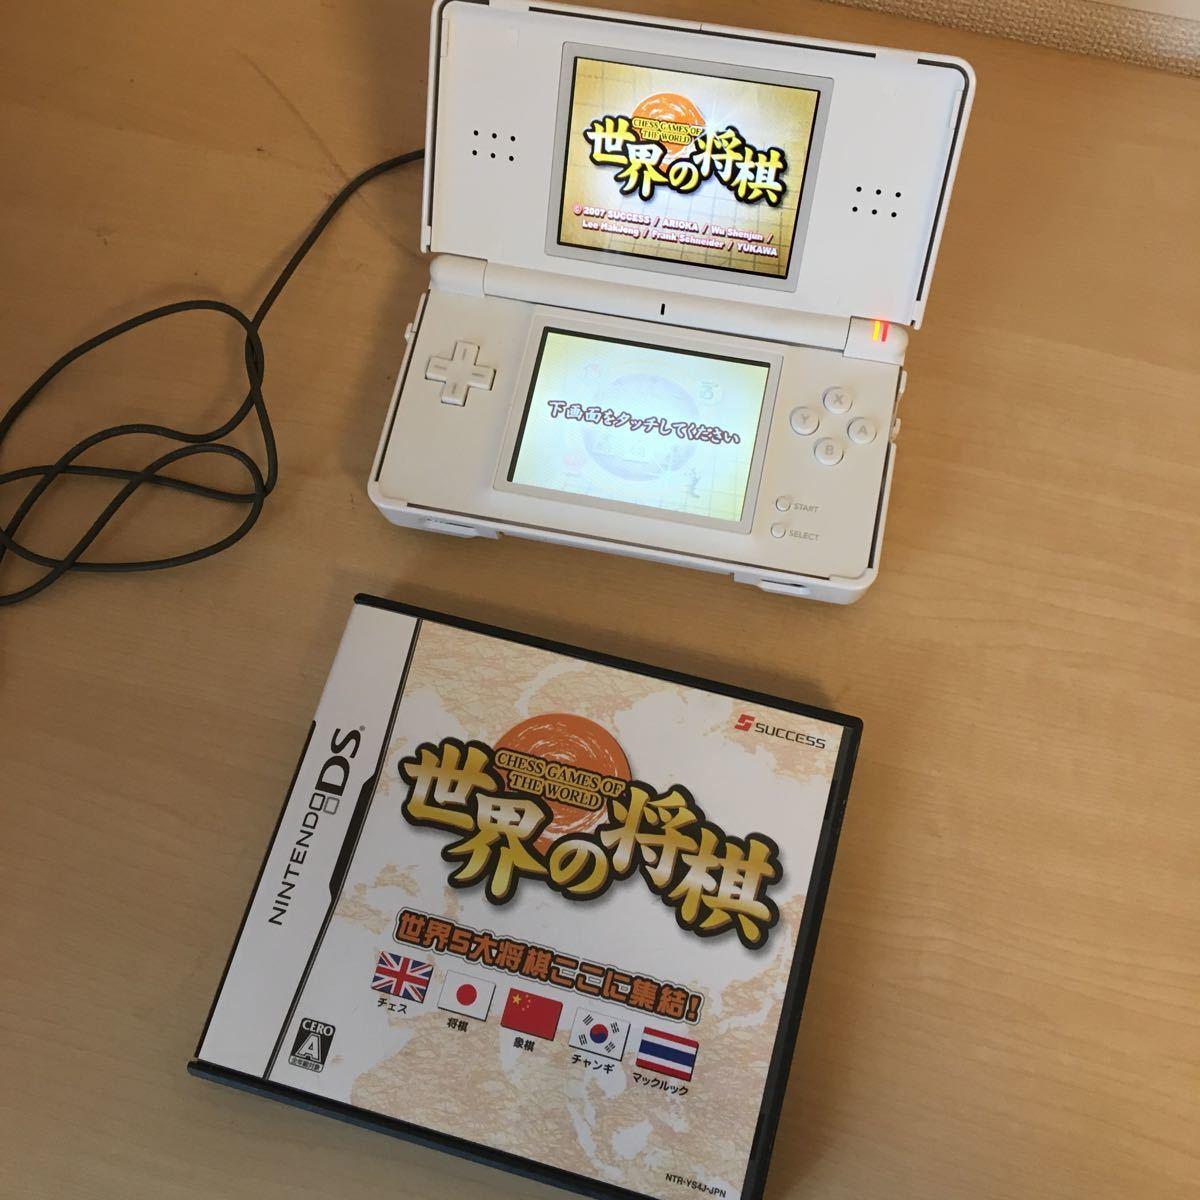 【セット】NINTENDO 任天堂 DS 白 充電器 マリオ ハードカバー ゲーム付き ソフト